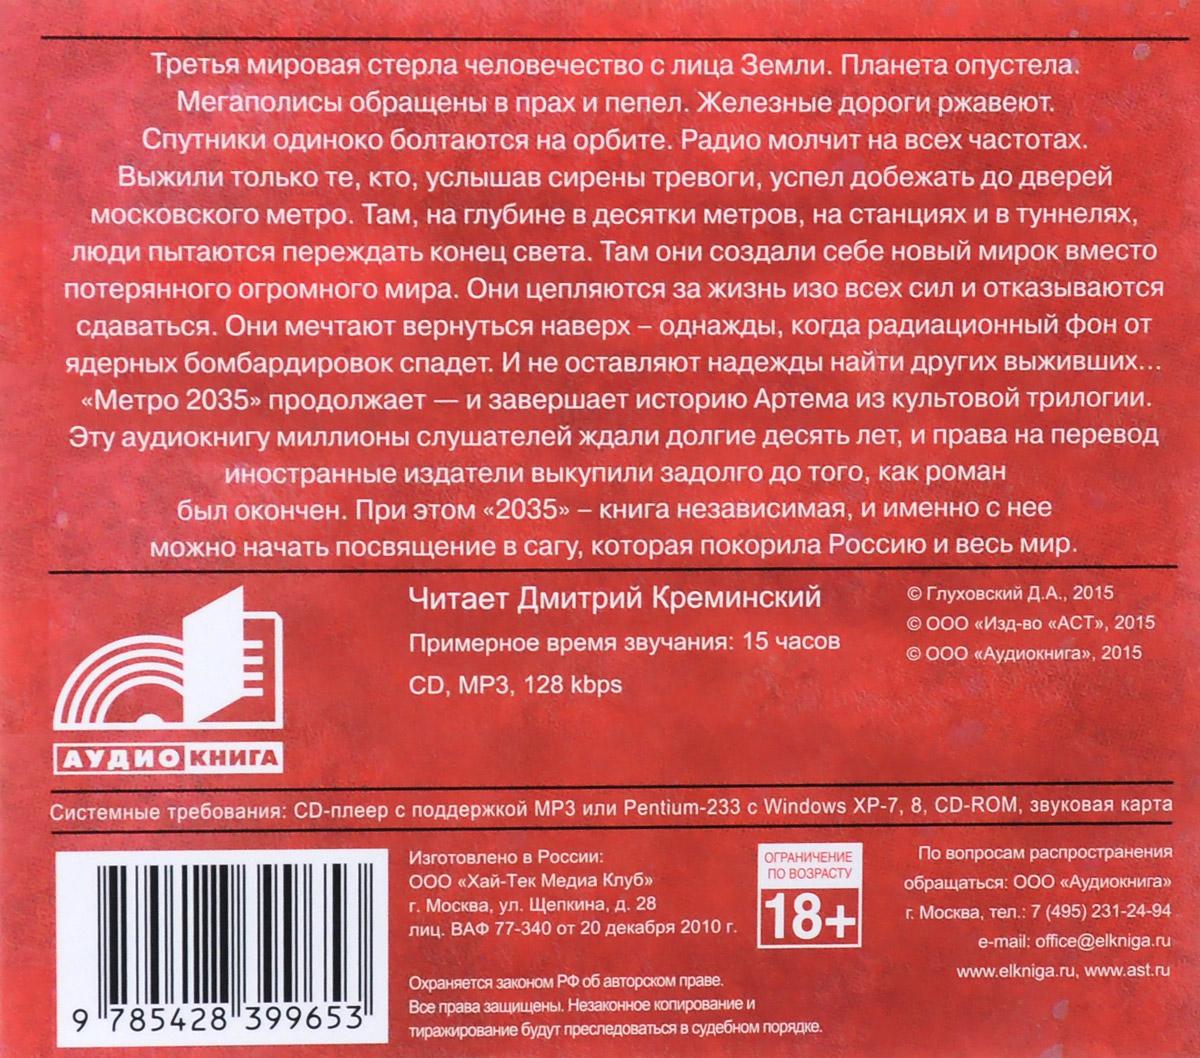 Метро 2035 (аудиокнига CD)